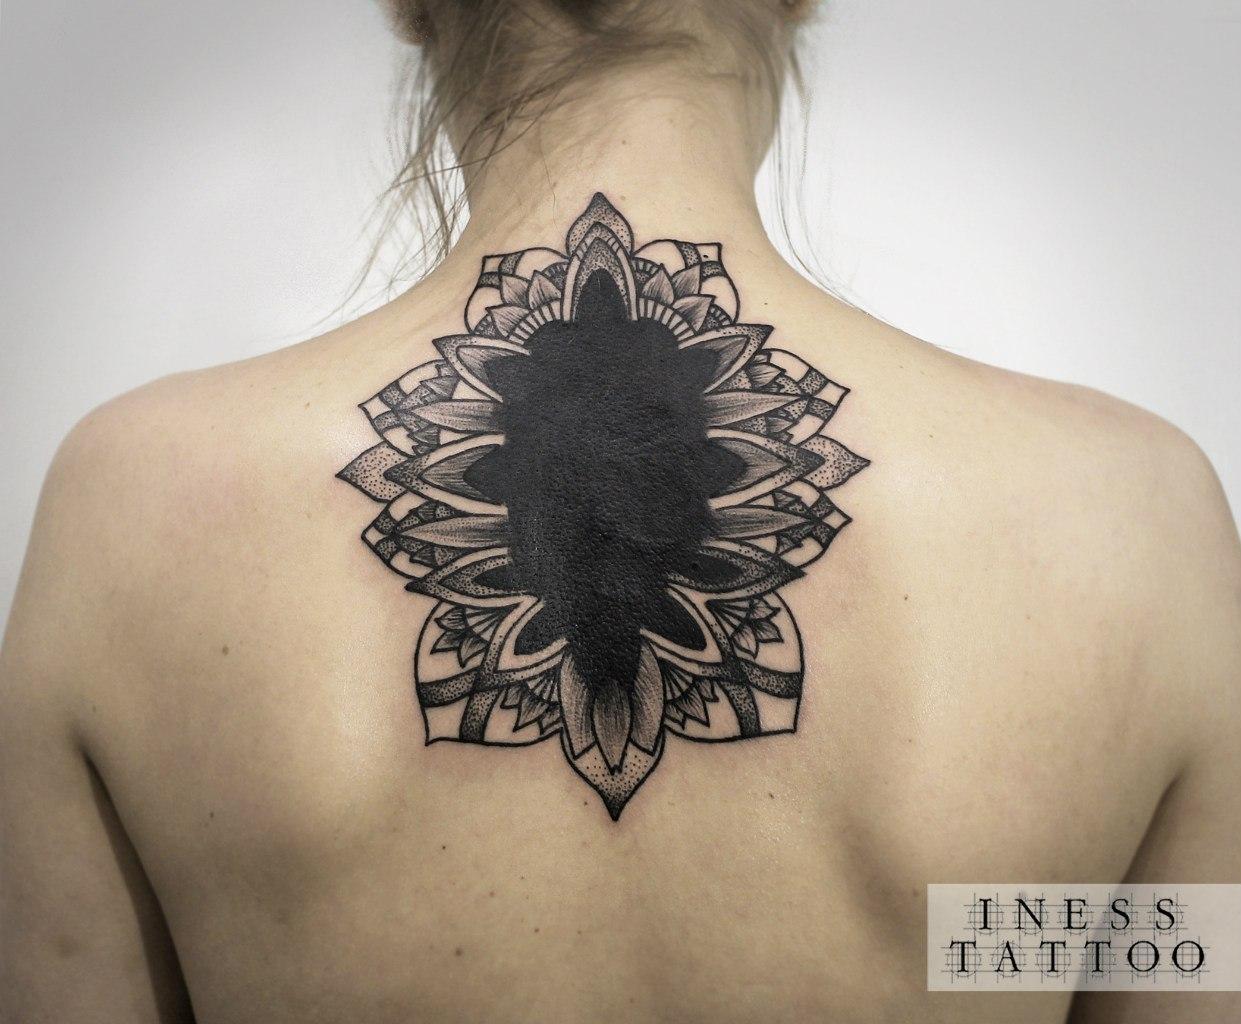 Художественная татуировка «Узор», перекрытие. Мастер — Инесса Кефир. Расположение — спина. Время работы — 5 часов. По собственному эскизу.